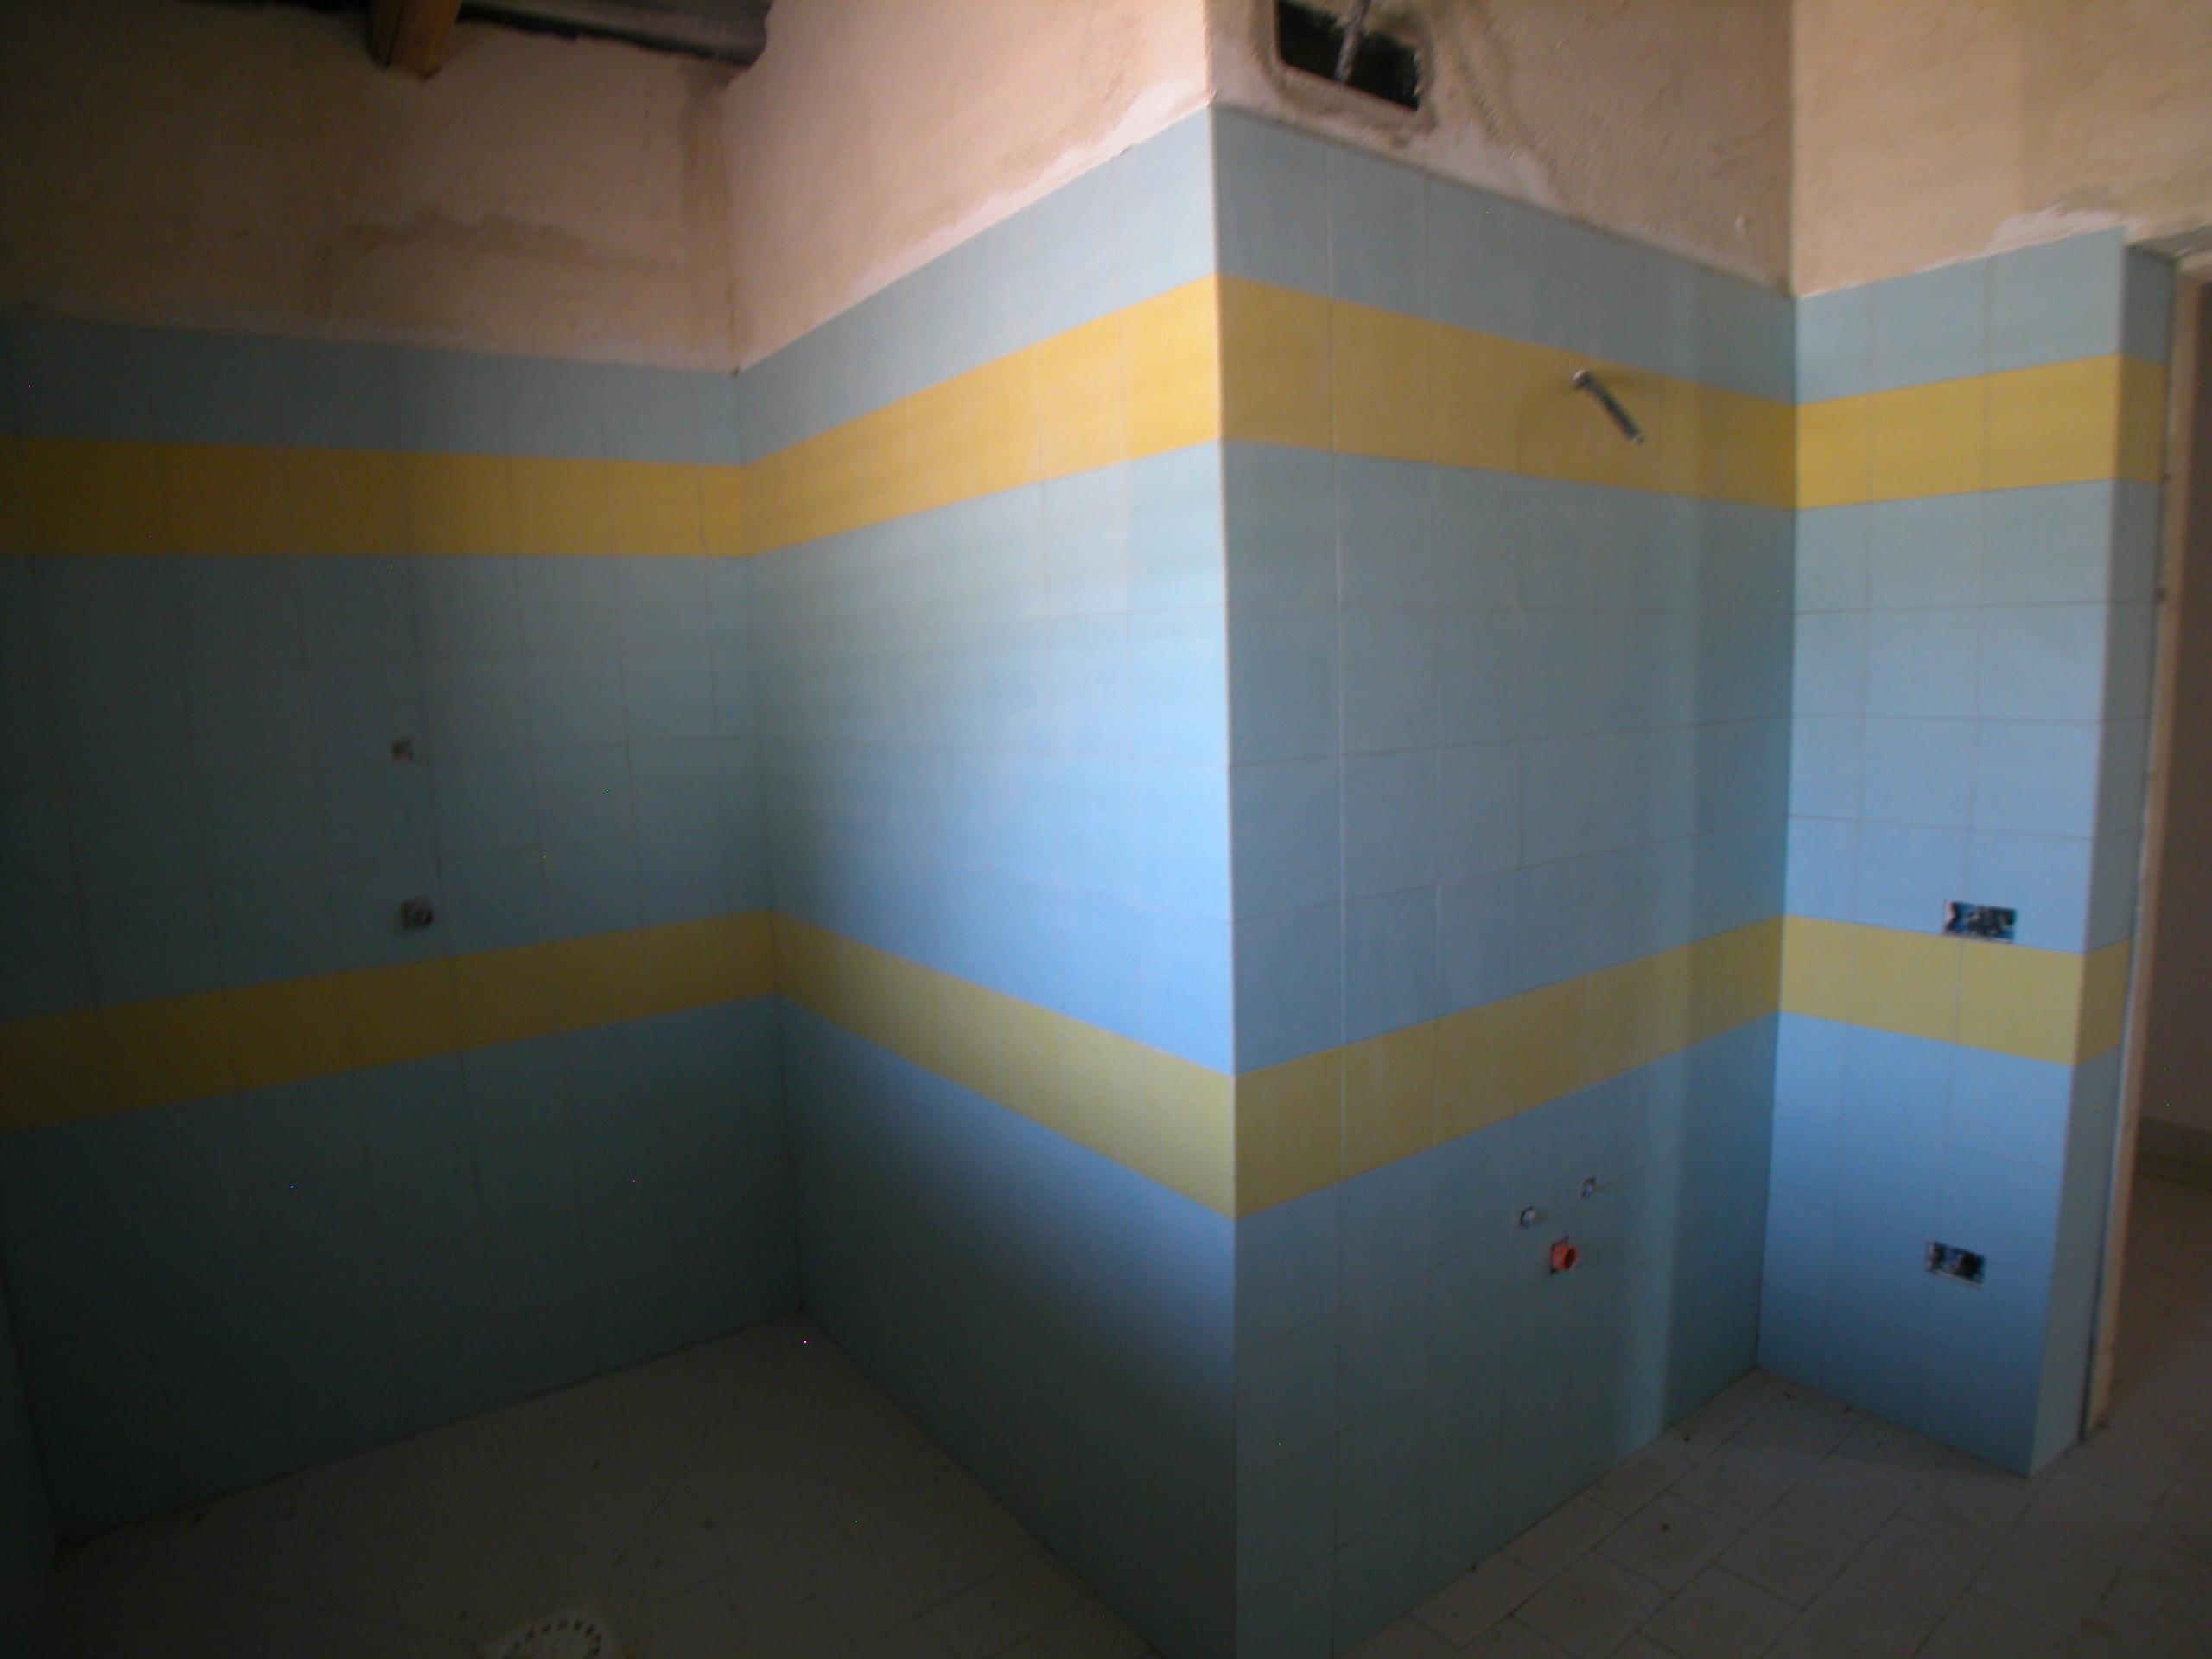 Ristrutturare Bagno Casa In Affitto : Laguna blu agenzia immobiliare marsala » blog archive » al14727